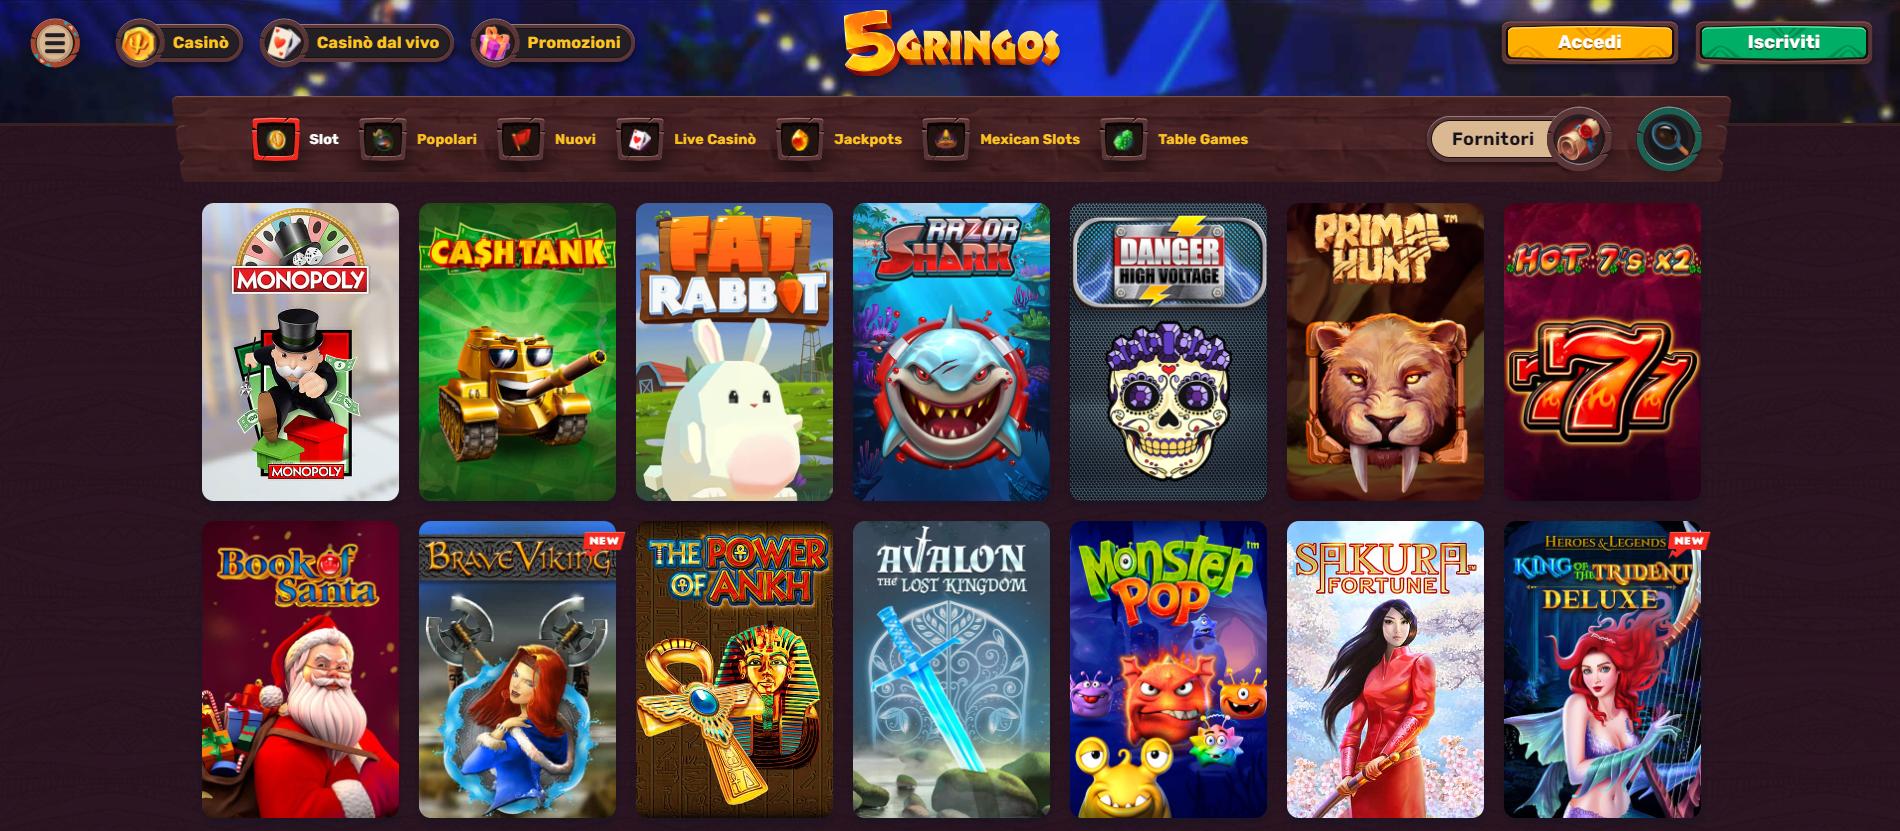 Giochi 5Gringos Casino